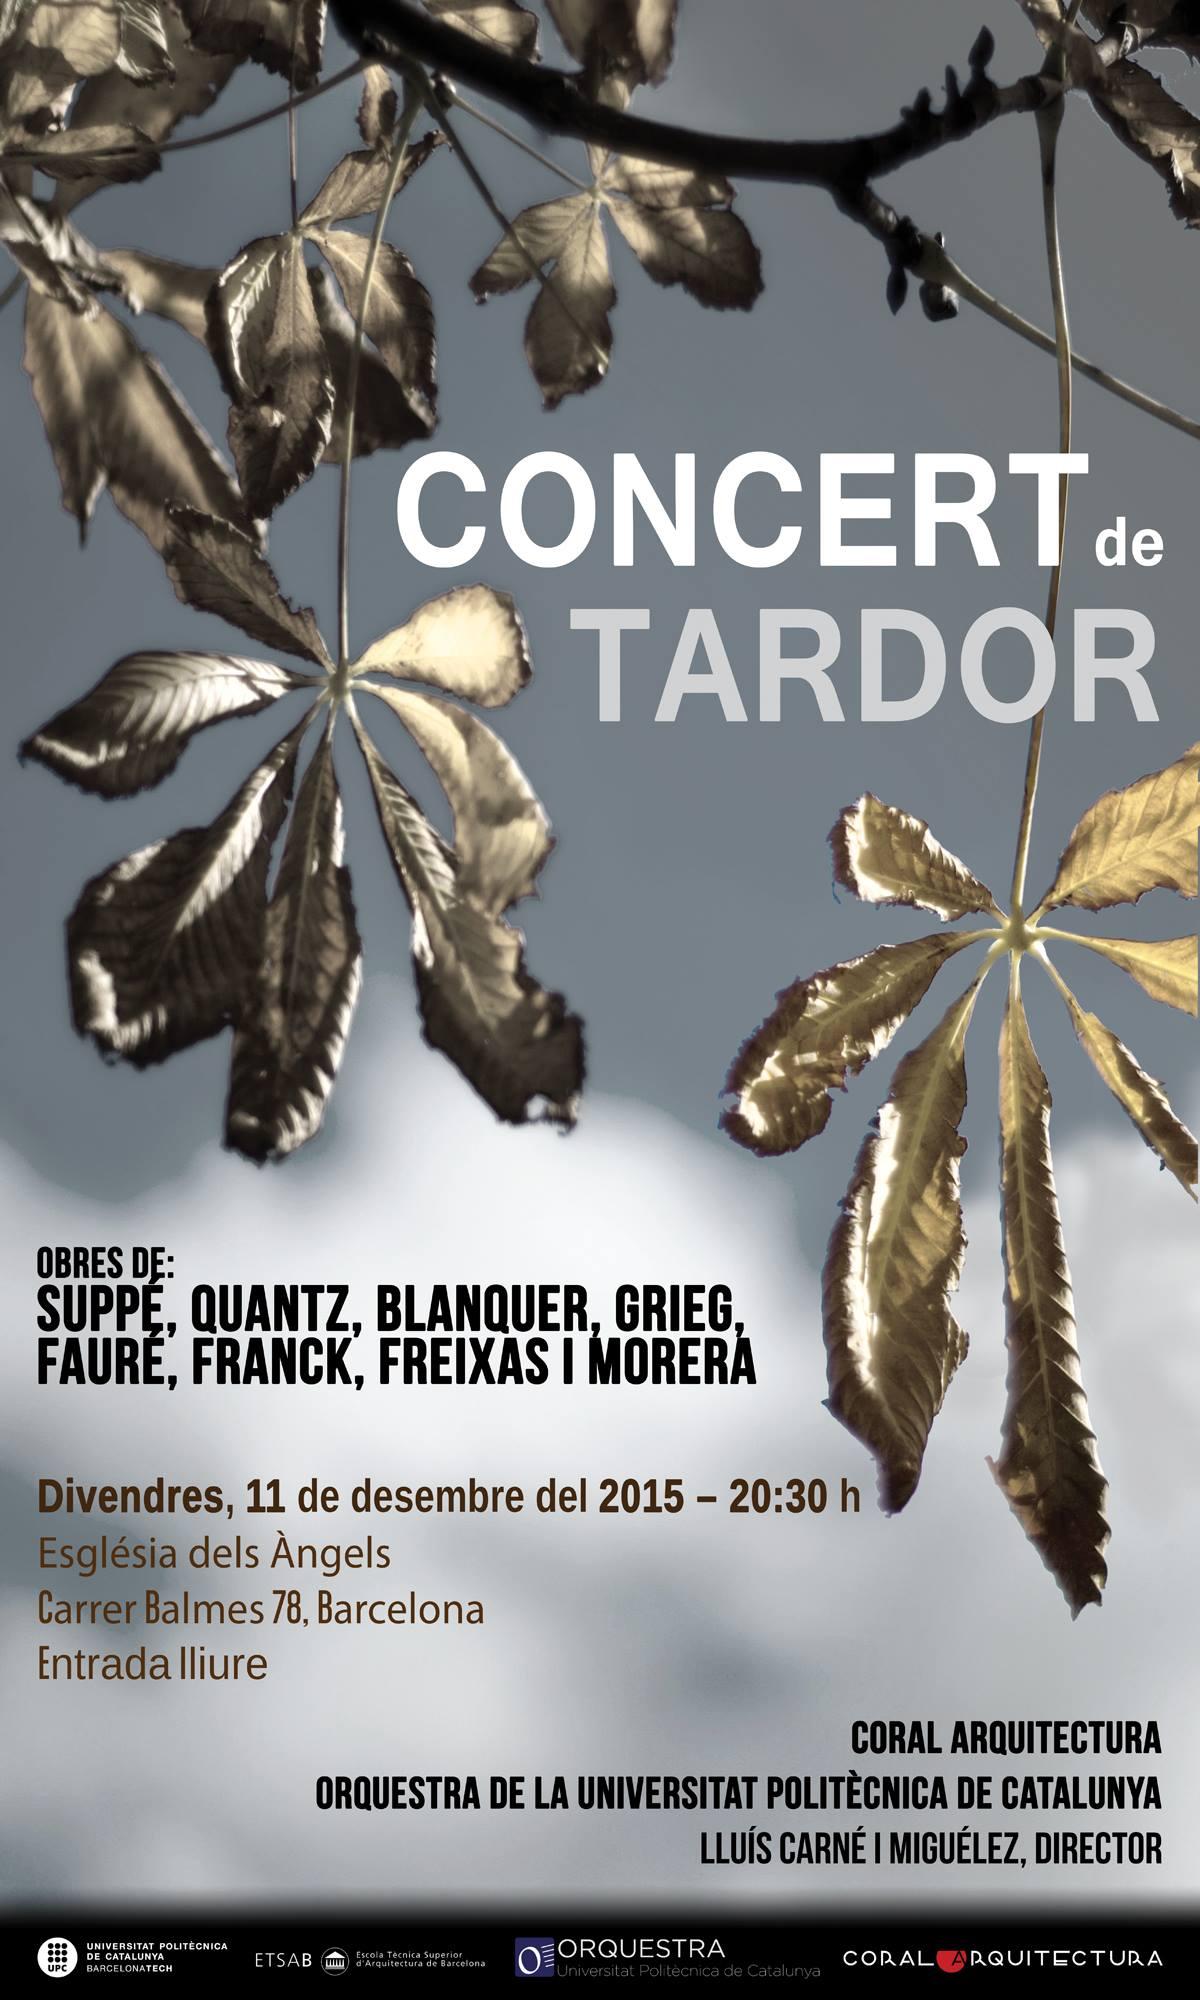 Tercer concert de tardor 2015